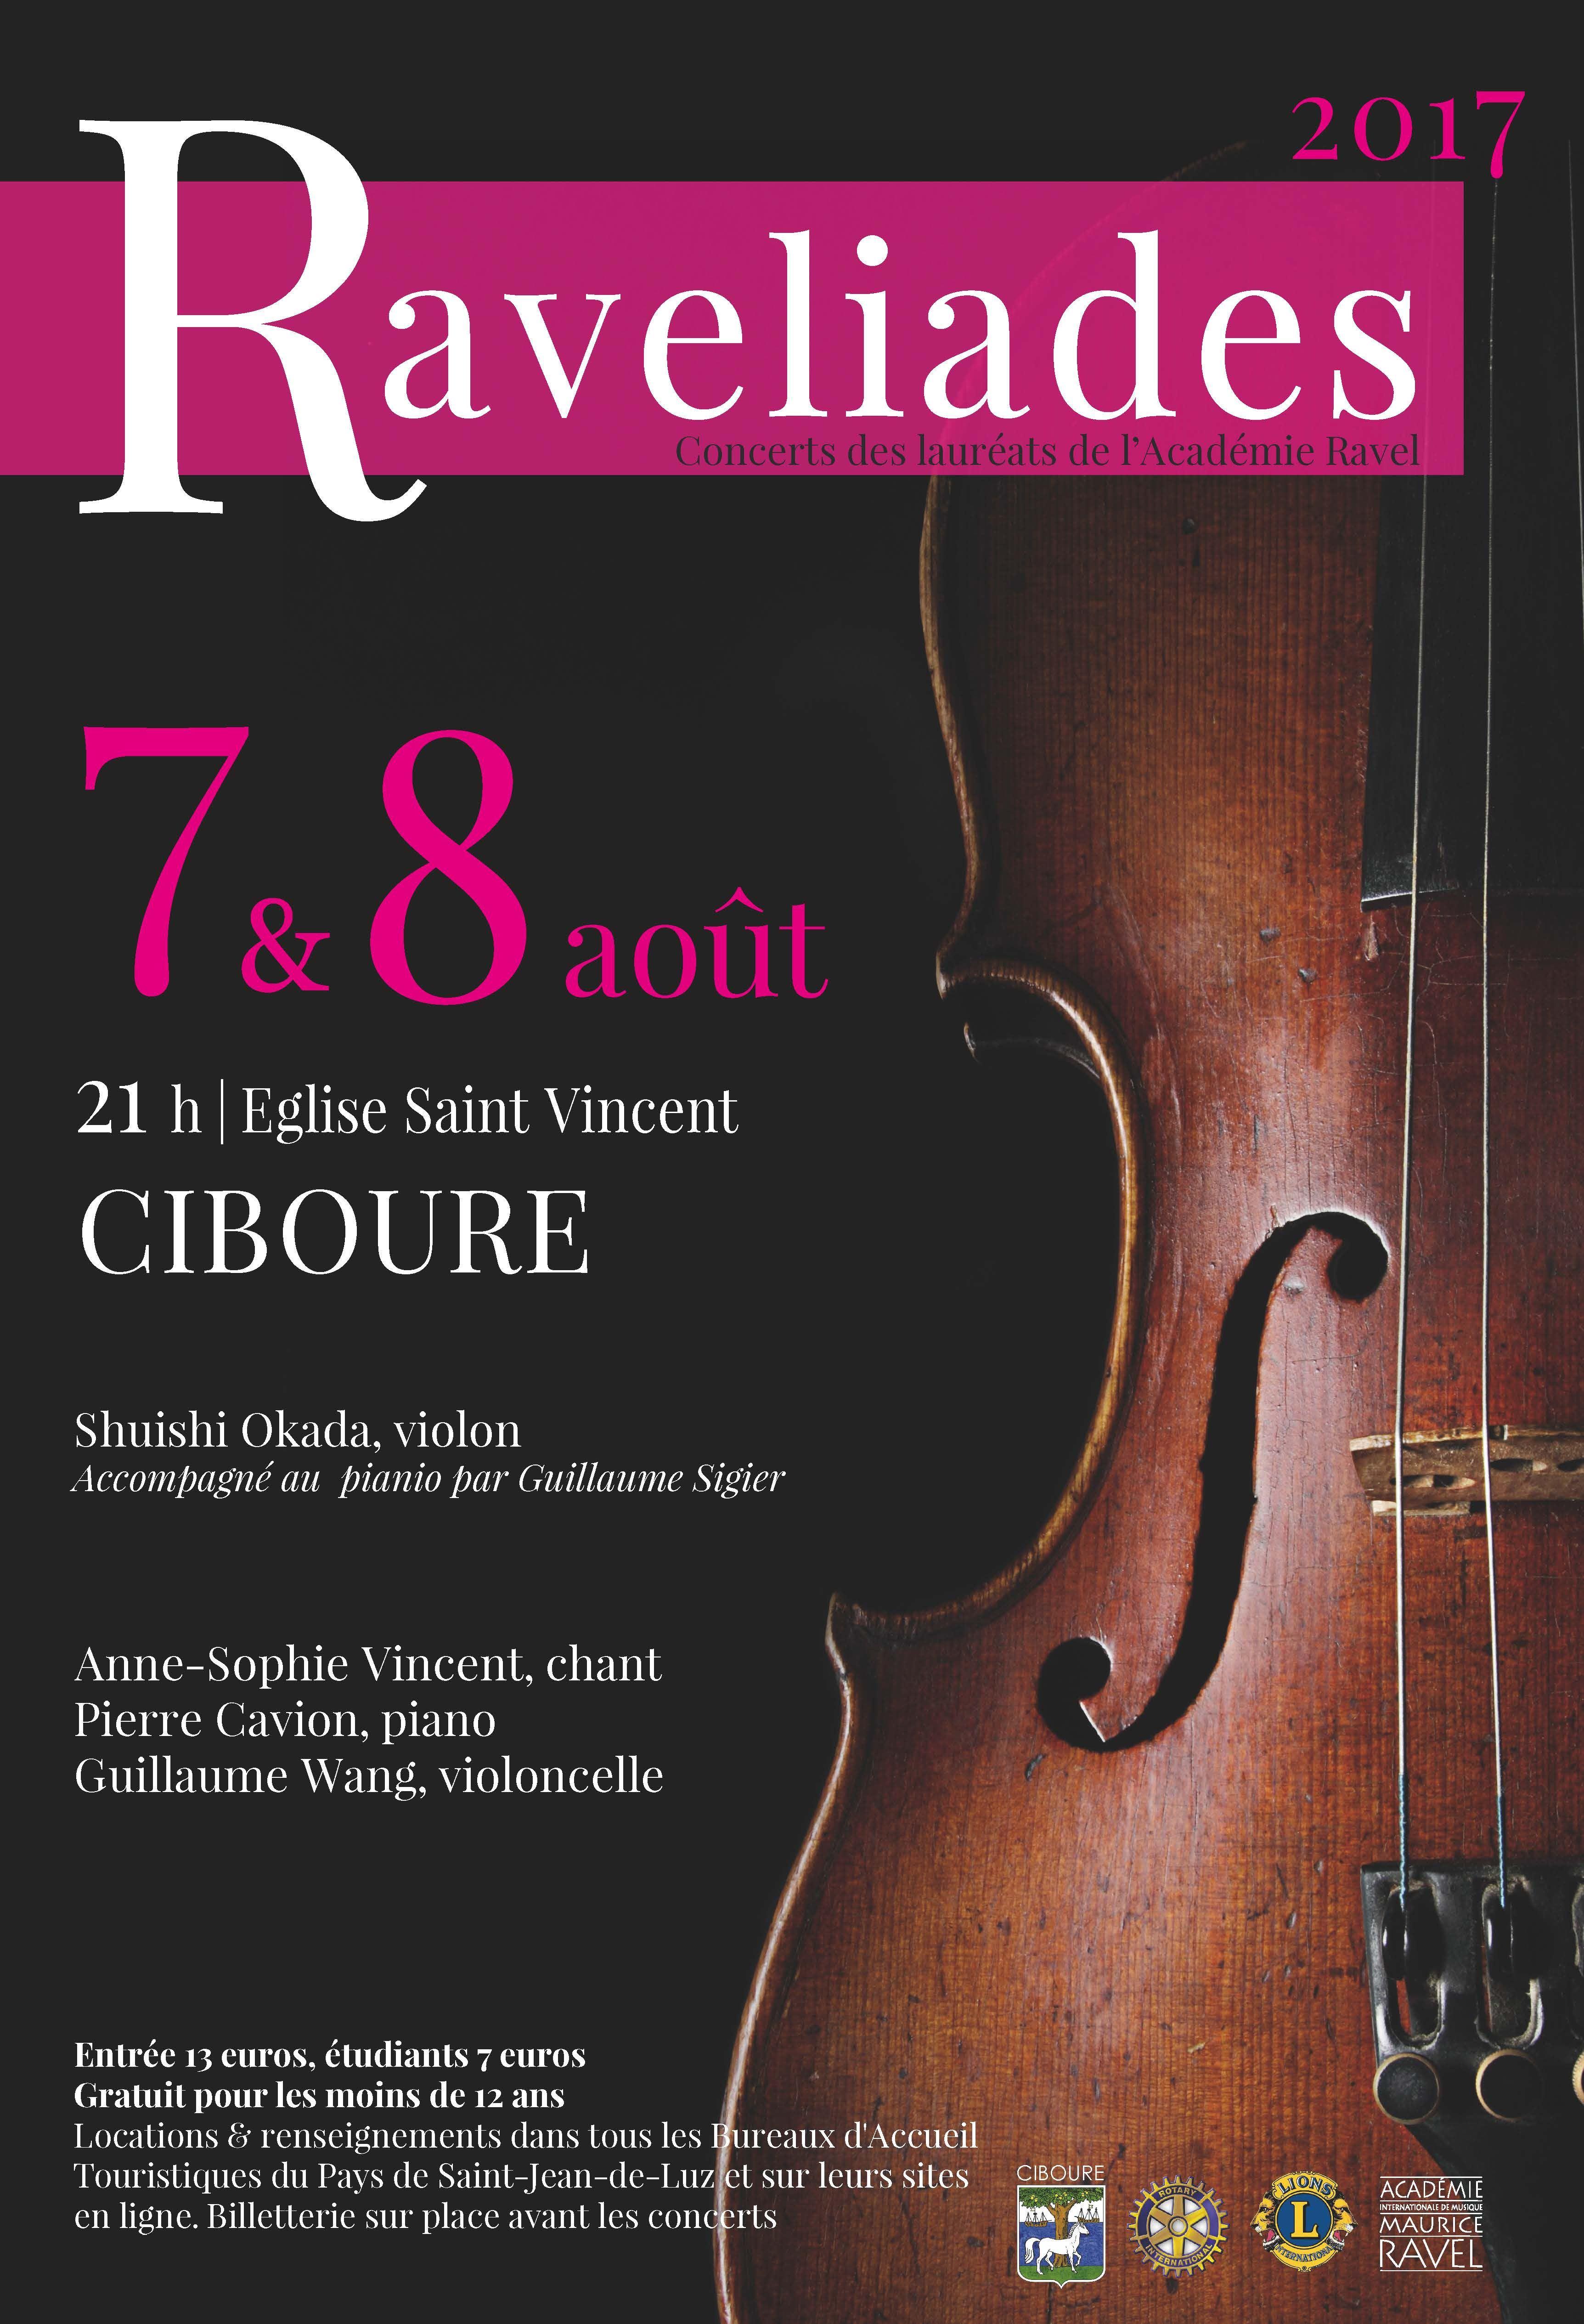 Concert des Ravéliades Lundi 7 août 2017 à 21h